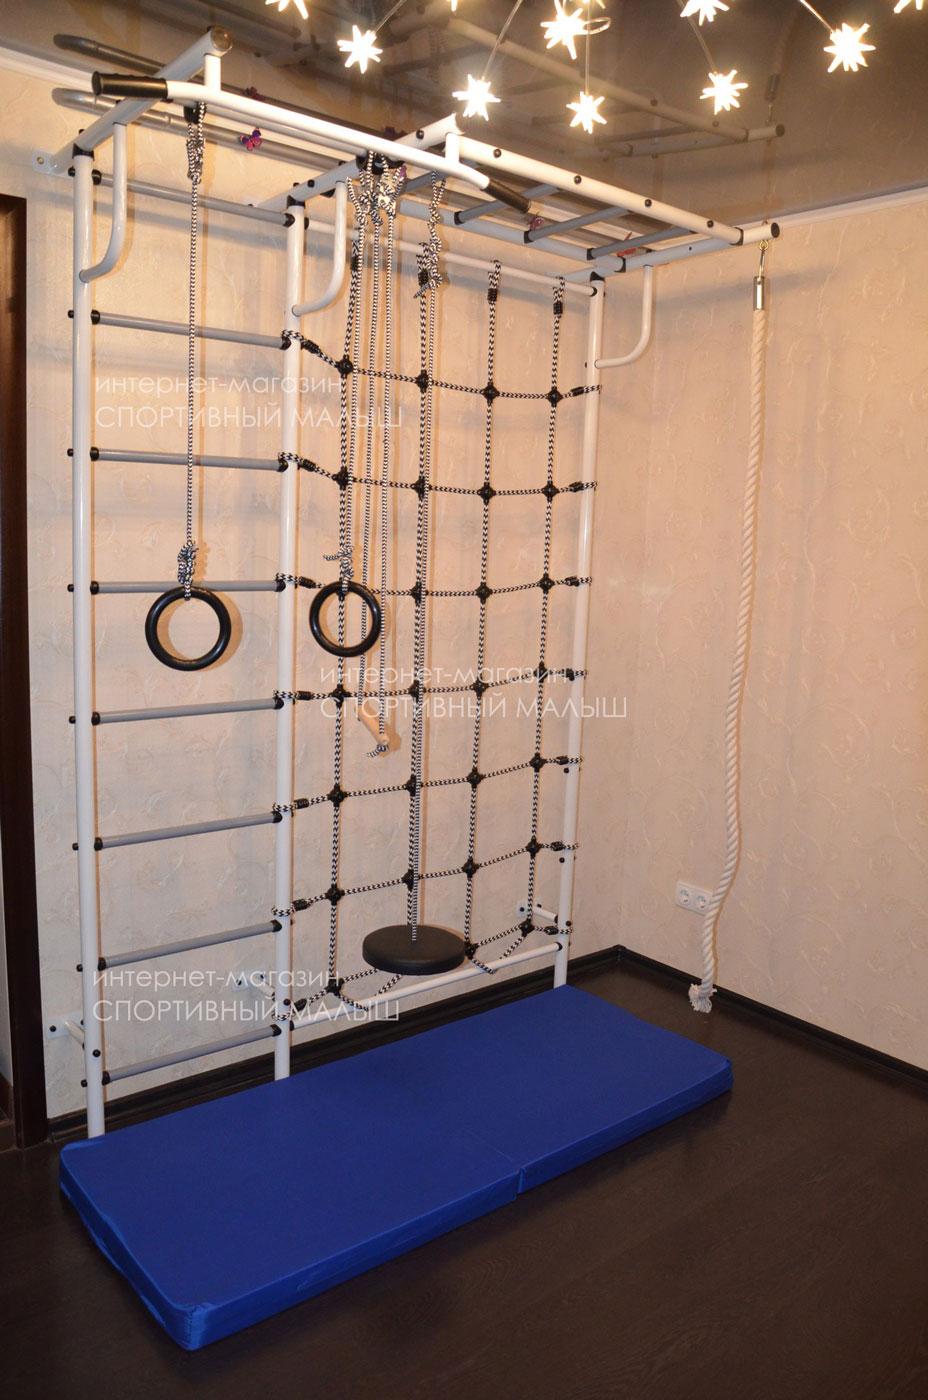 Детский спортивный комплекс с креплением к стене. Сетка, рукоход, турник в комплекте. Модель в белом цвете - ДСК Пионер-С4С